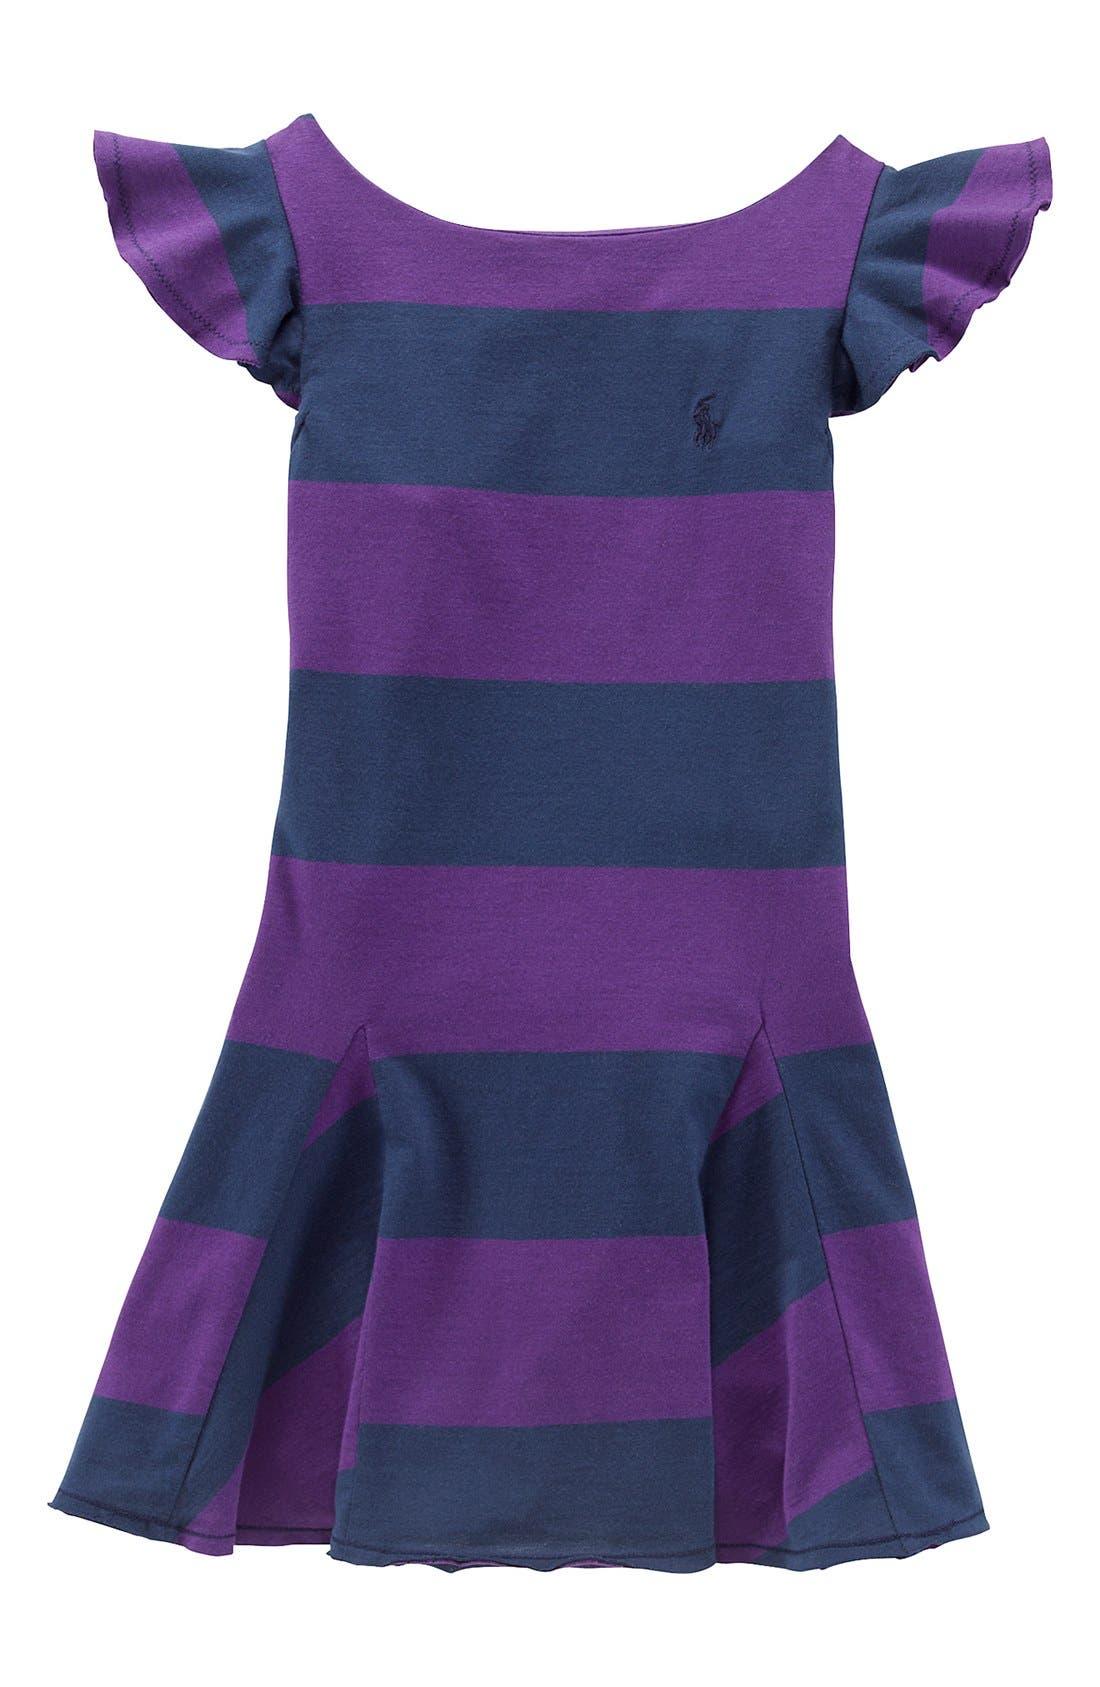 Alternate Image 1 Selected - Ralph Lauren Flutter Sleeve Dress (Toddler Girls)